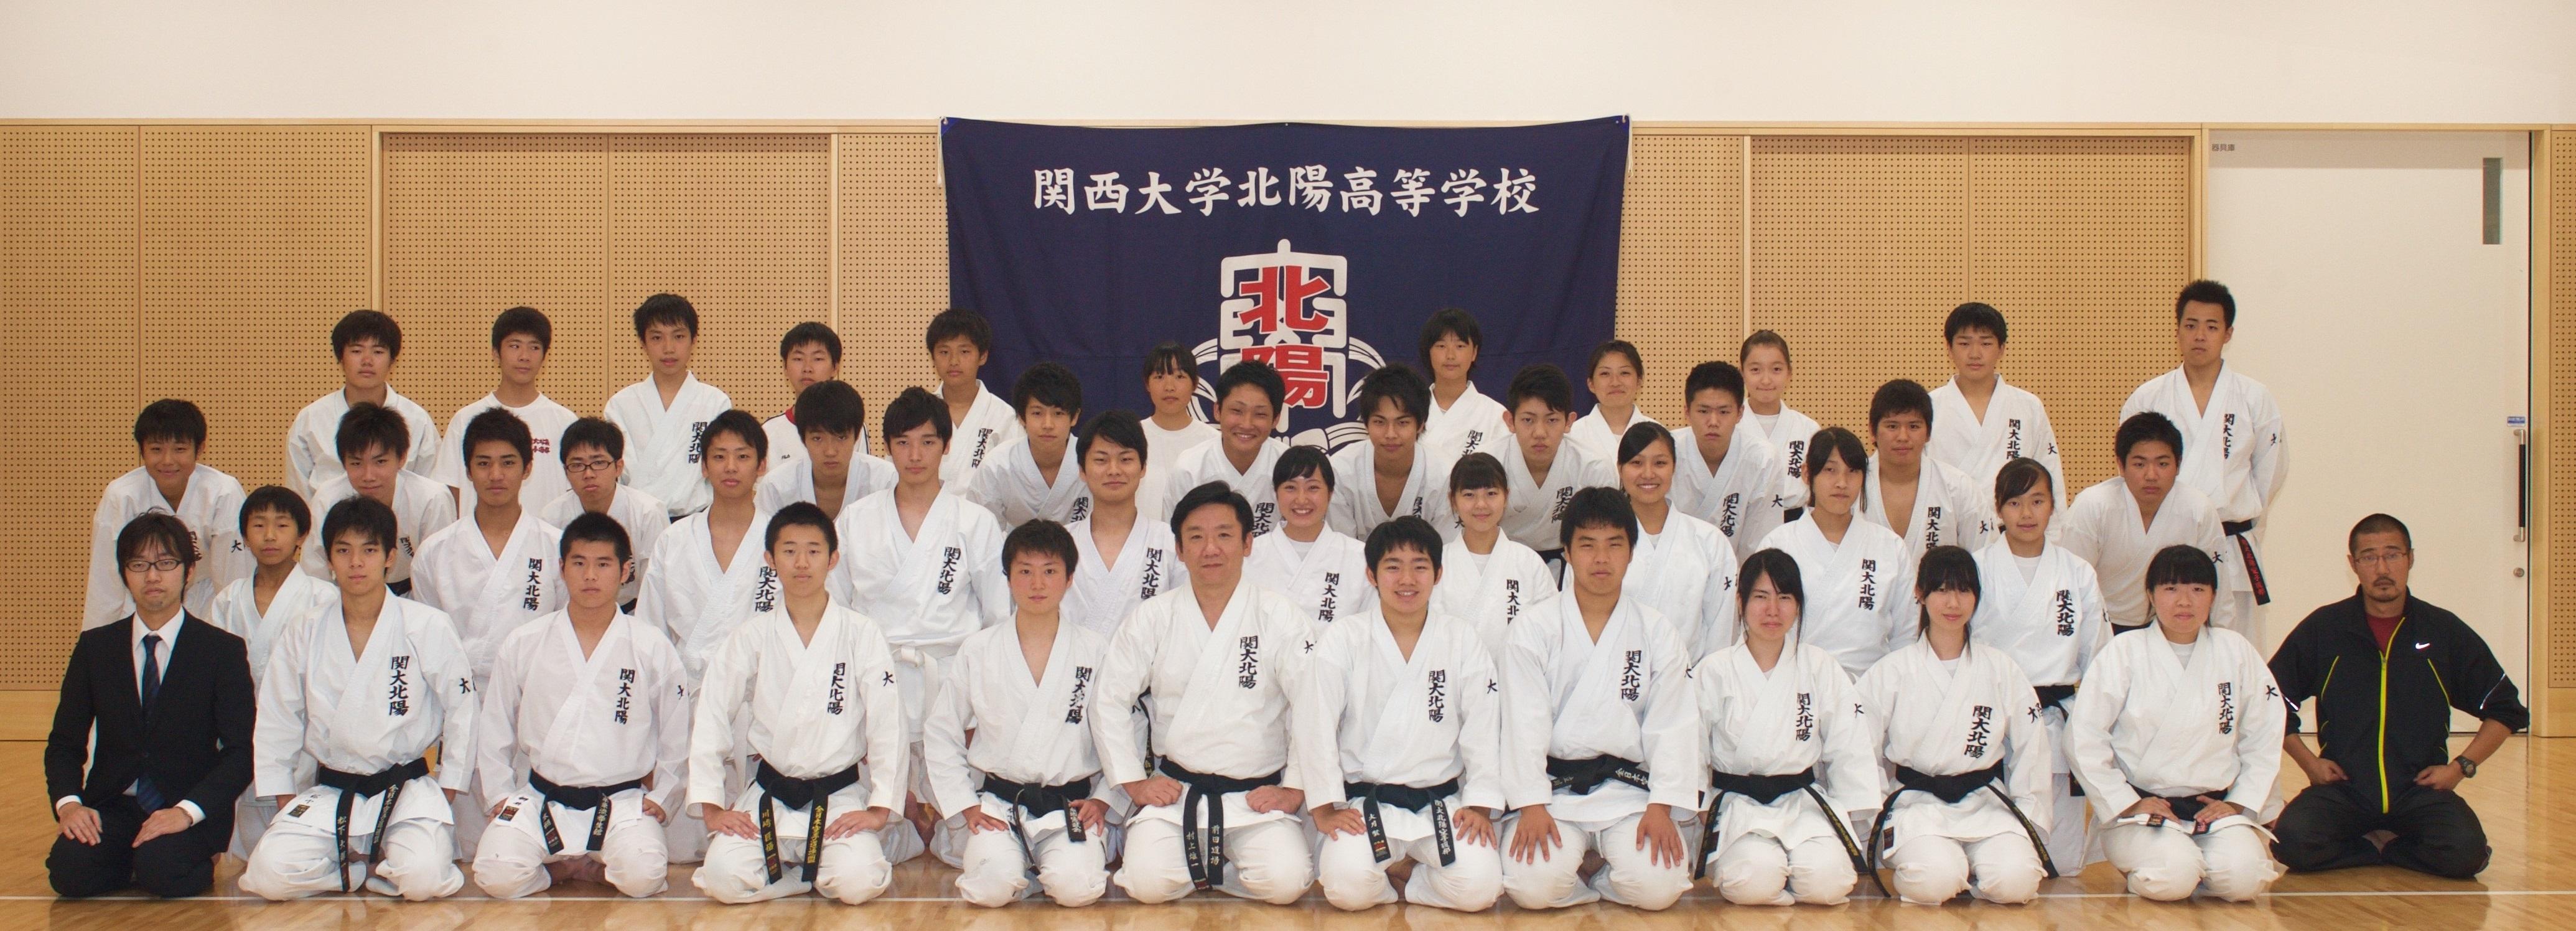 北陽 関西 高校 大学